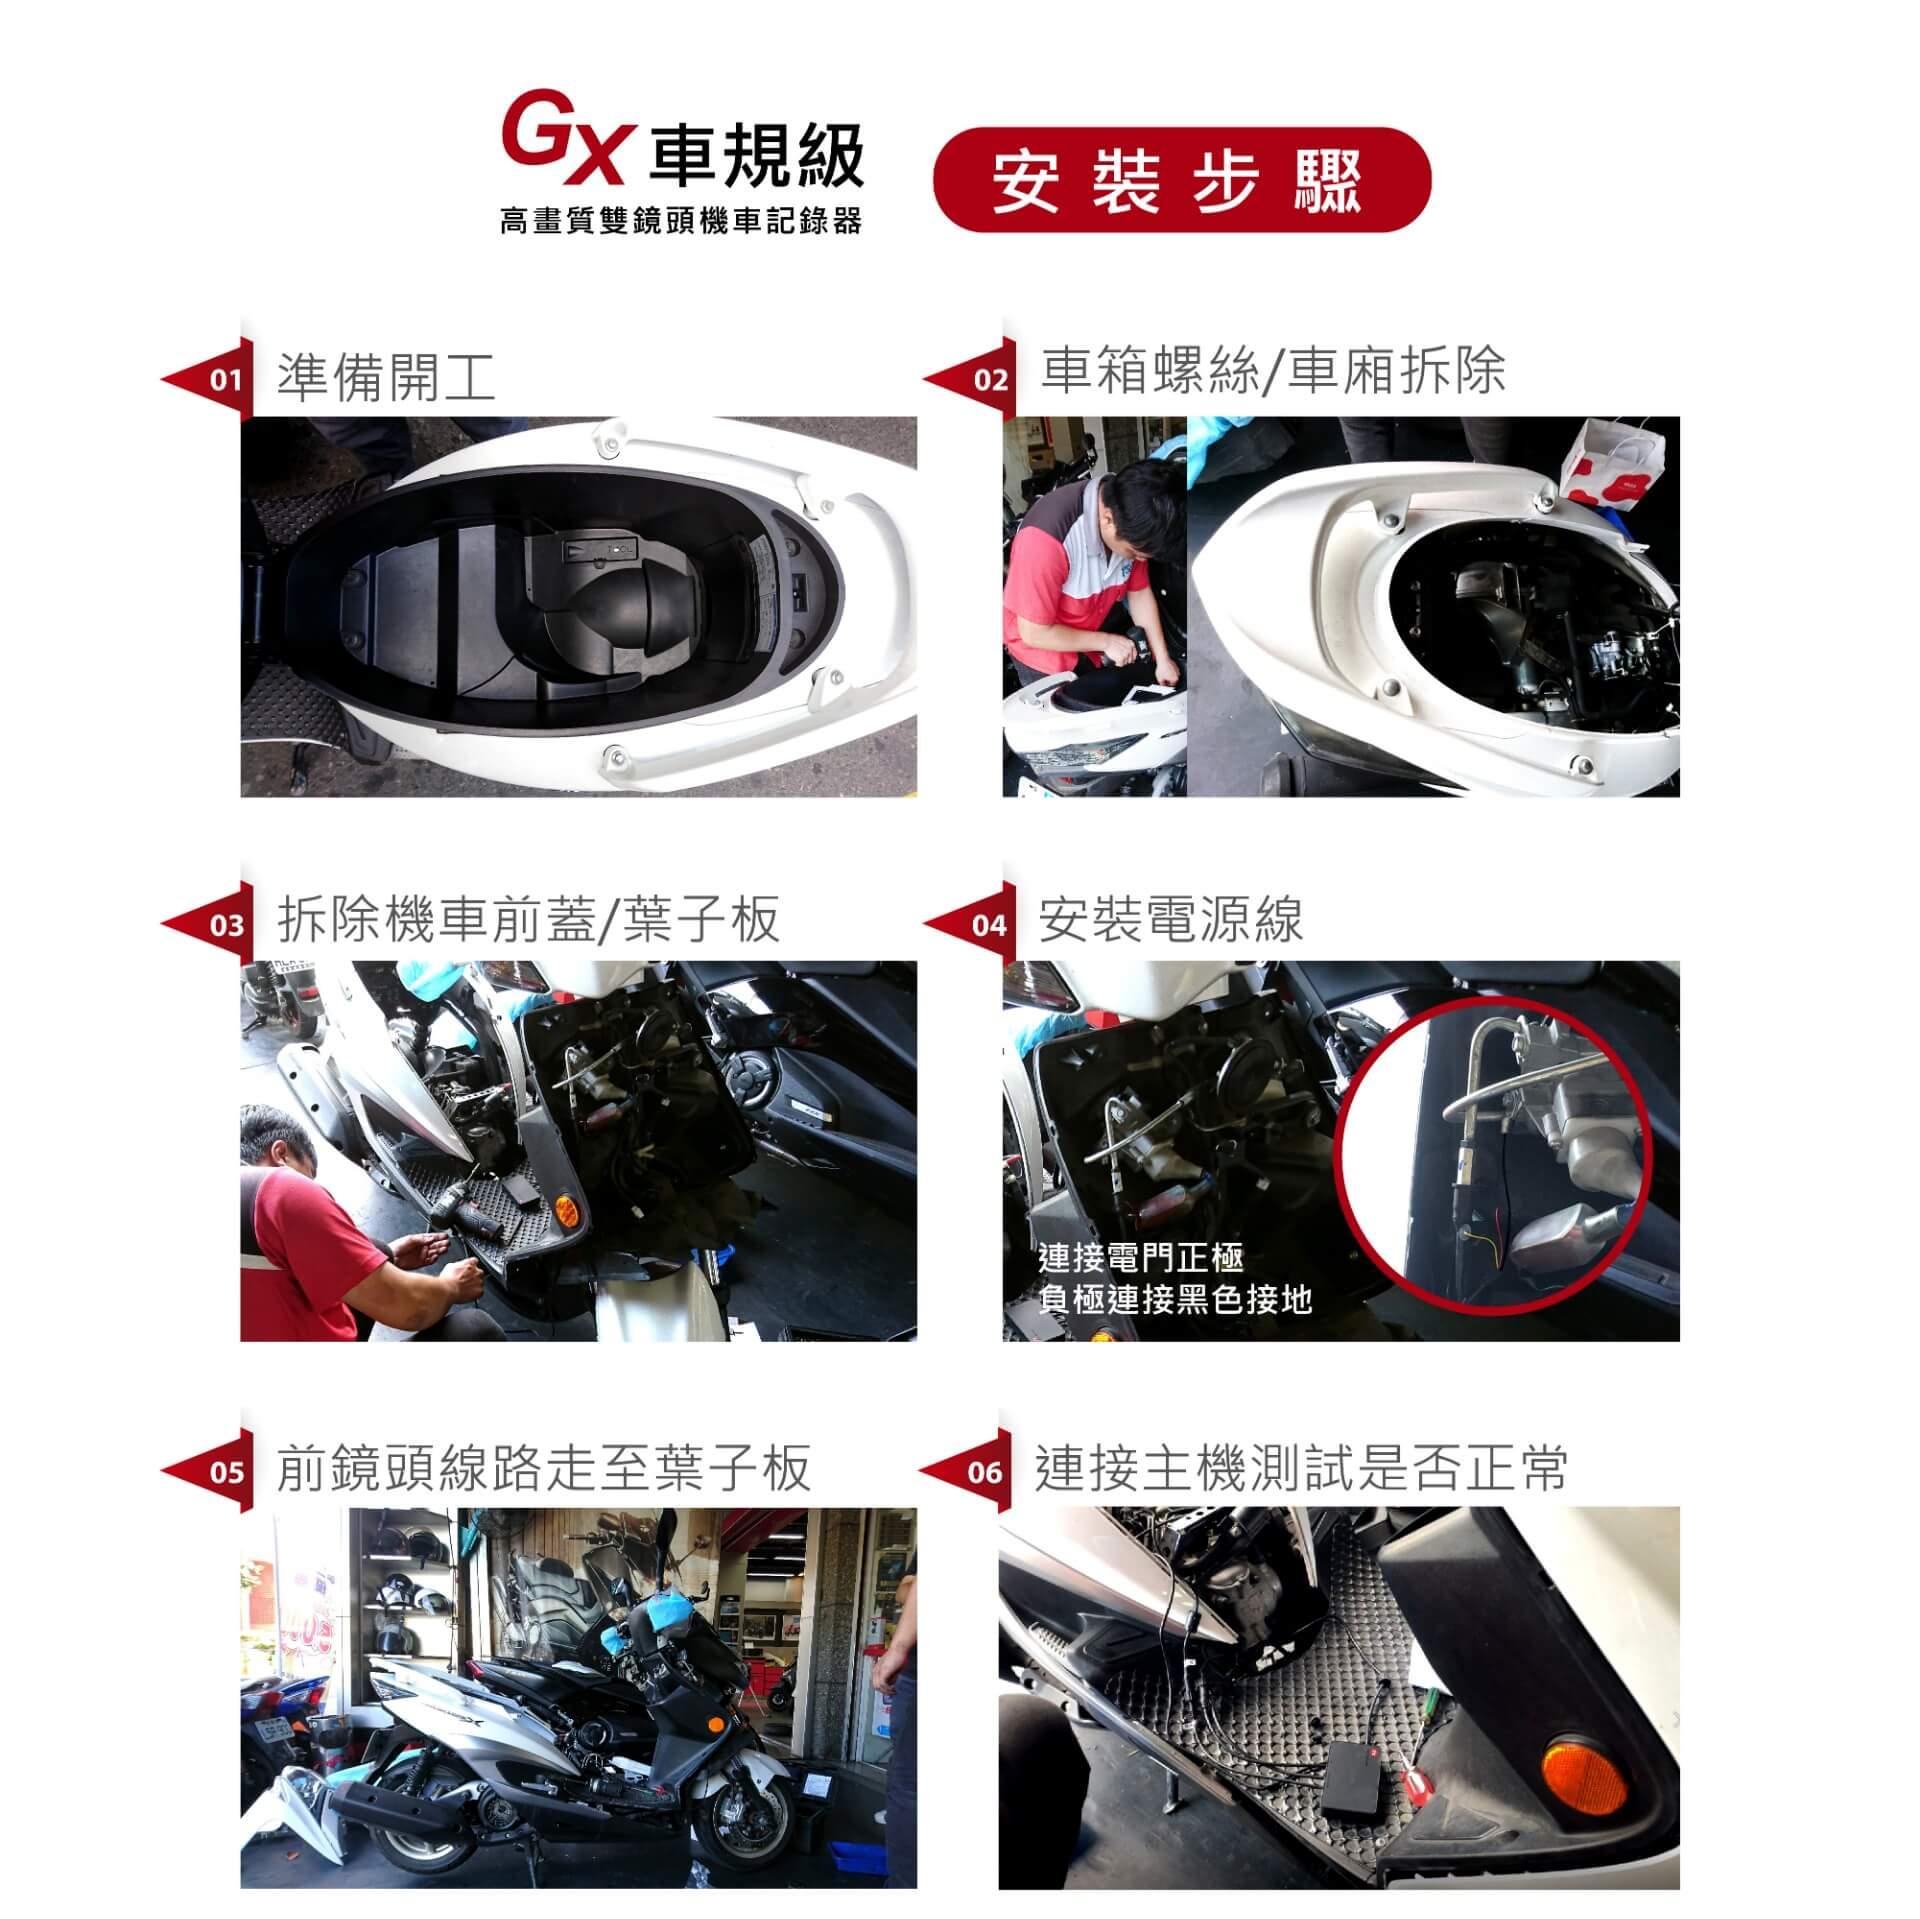 proimages/product/Bike_Cam/PX-GX/PX-GX-step-01_resized.jpg